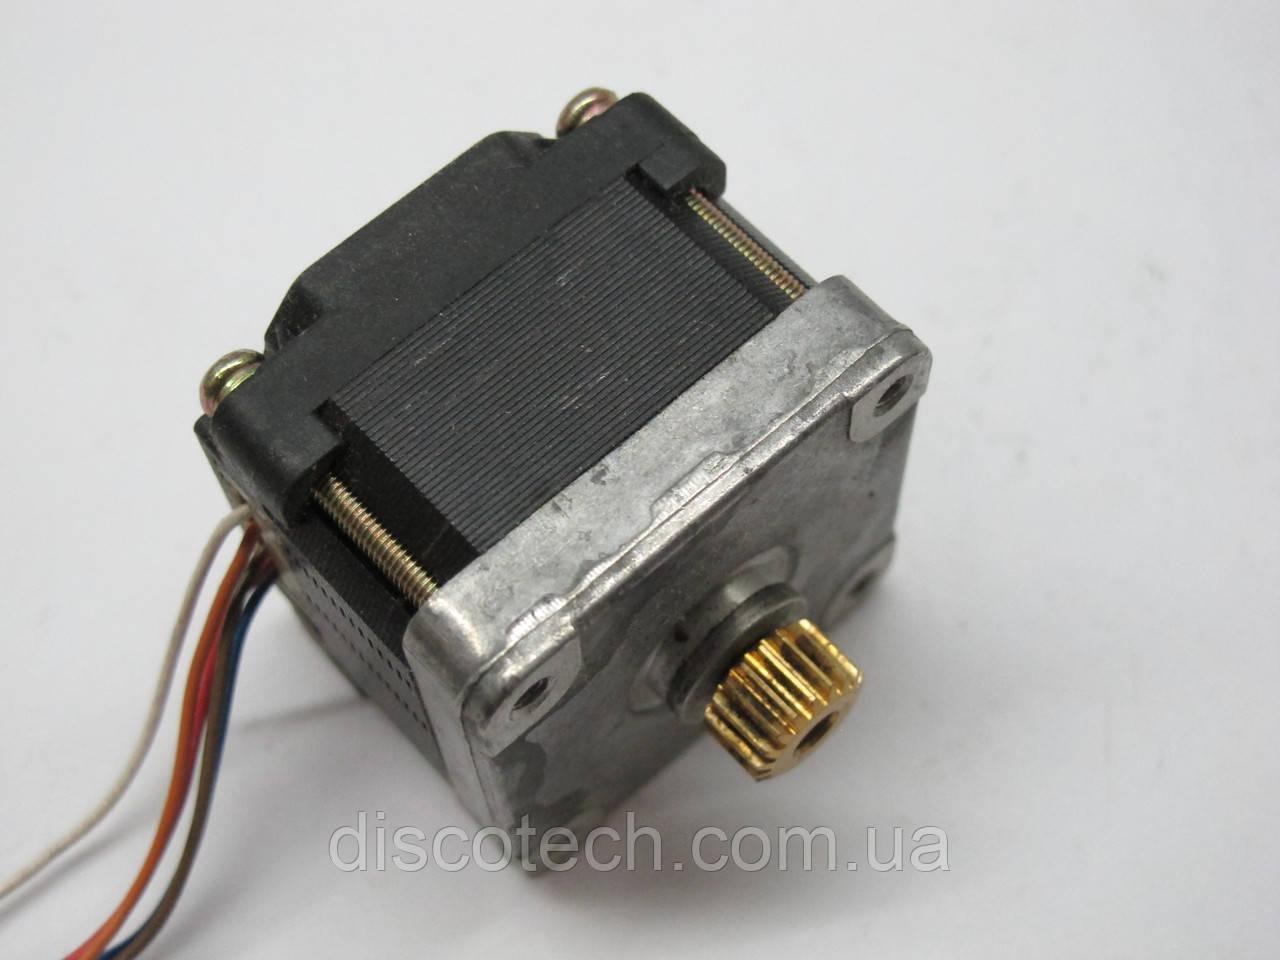 Двигатель шаговый уп 1,8 ф4,0/ 20 Ом EM-221